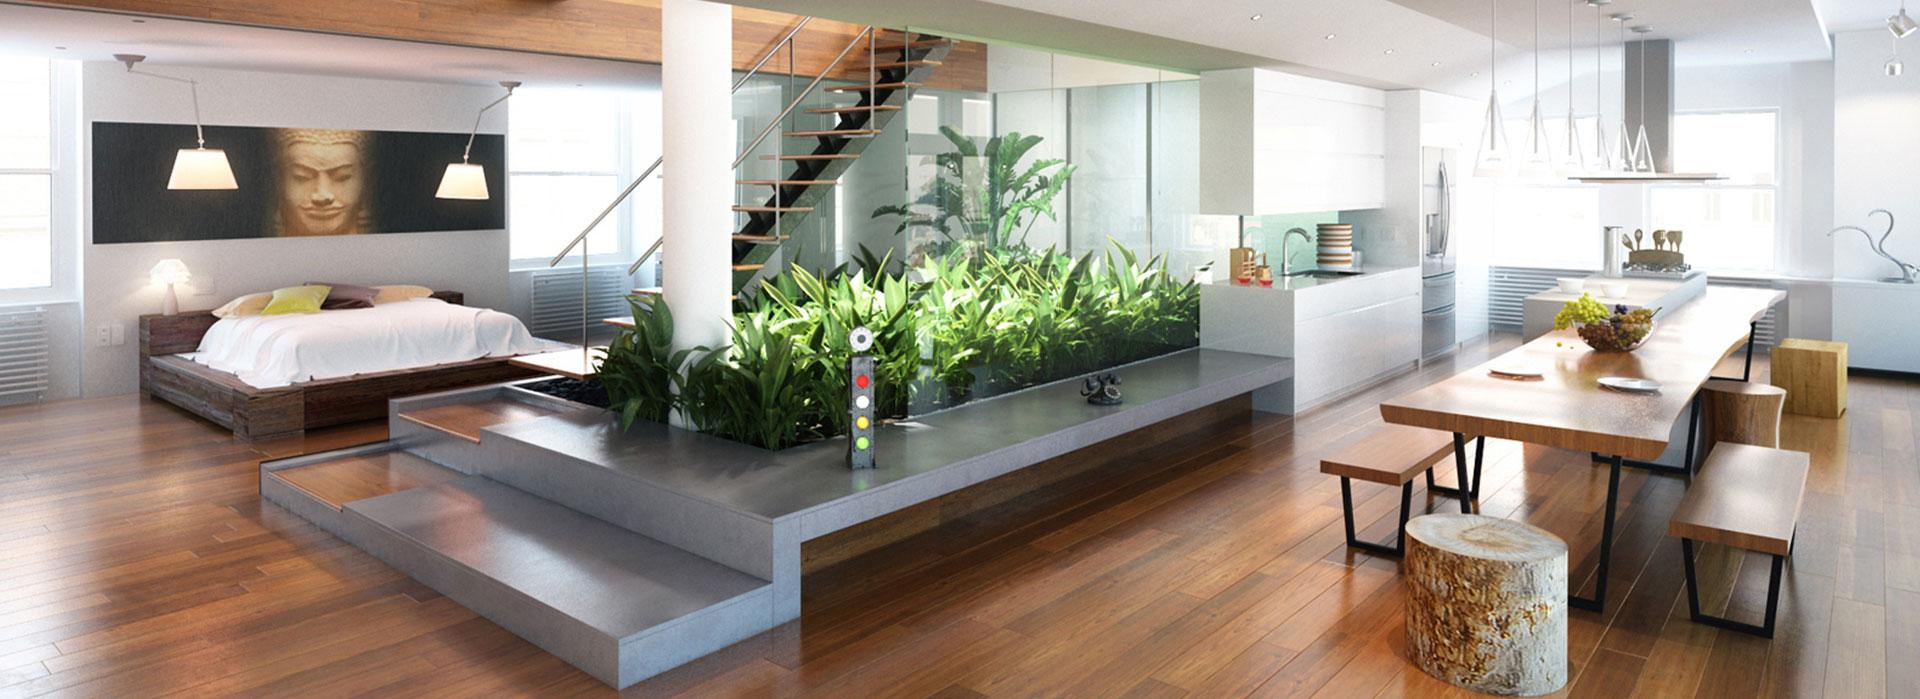 vendre ou louer son appartement le guide pratique. Black Bedroom Furniture Sets. Home Design Ideas